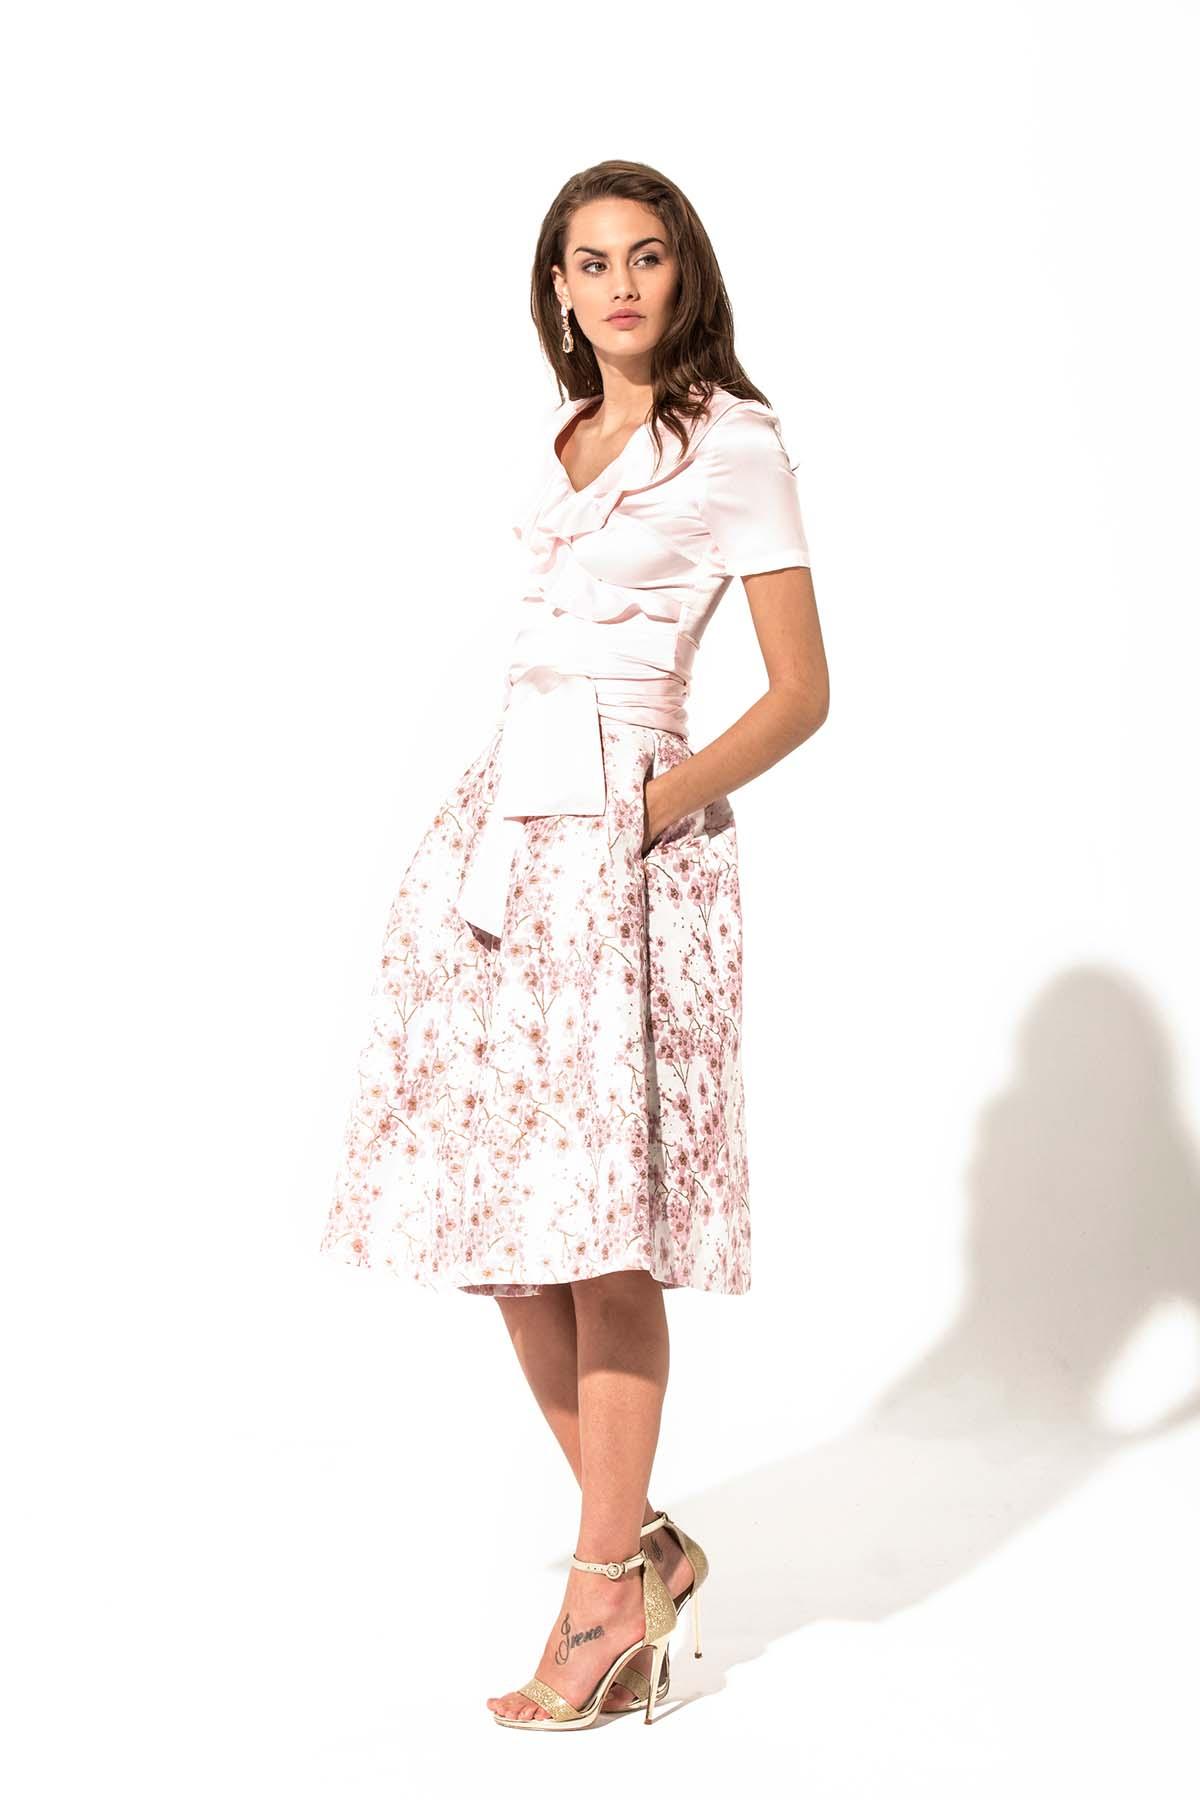 Falda de vuelo con brocado de flores Teria Yabar - Falda de vuelo con brocado de flores